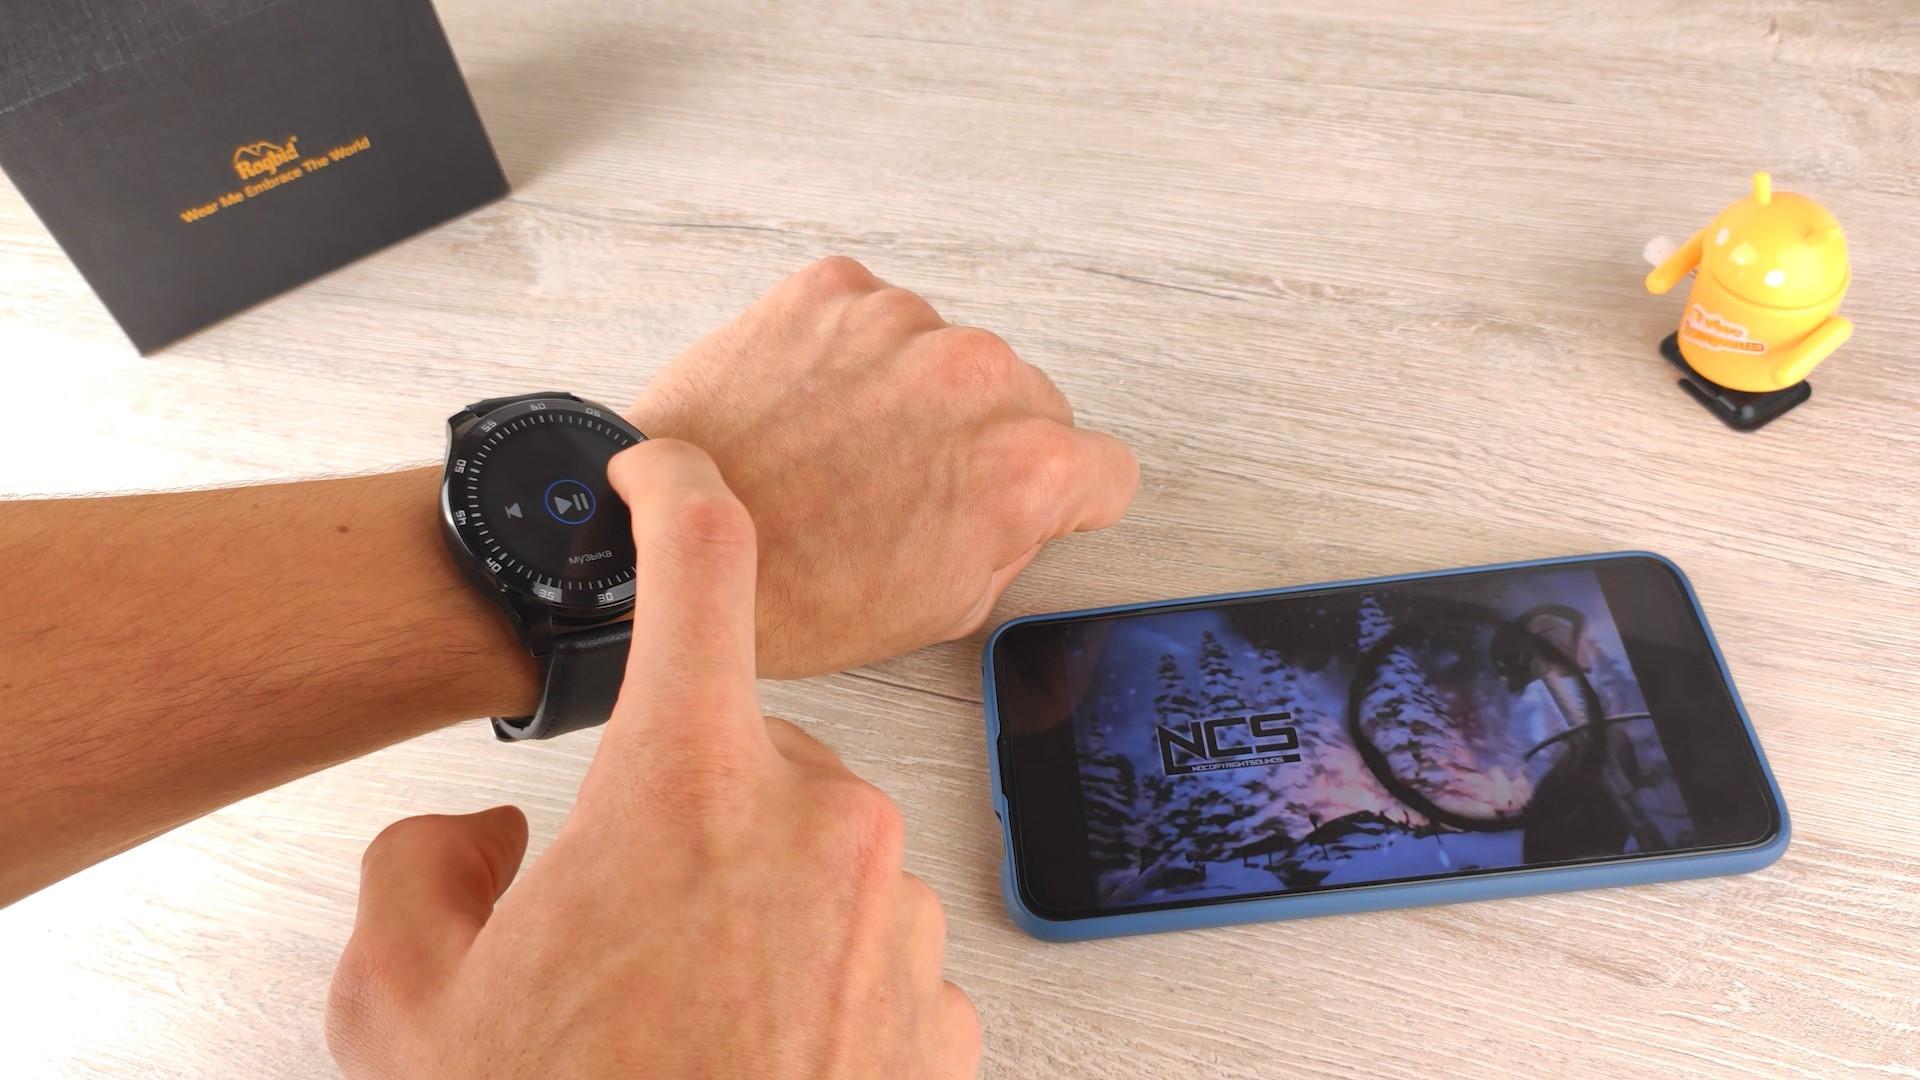 управление музыкой на smart watch Rogbid GT